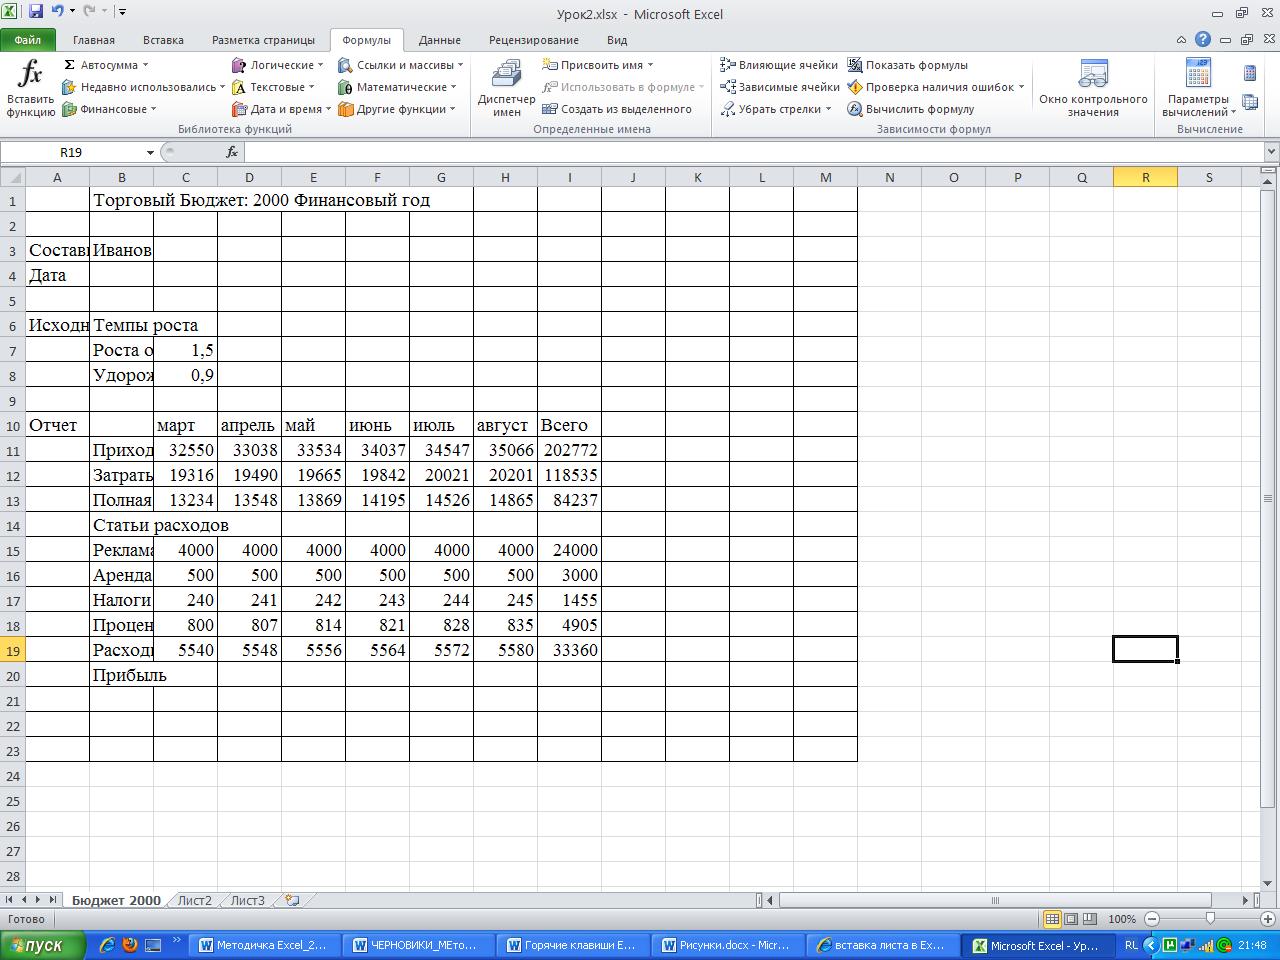 Как в экселе сделать формулу с ссылкой на другой лист